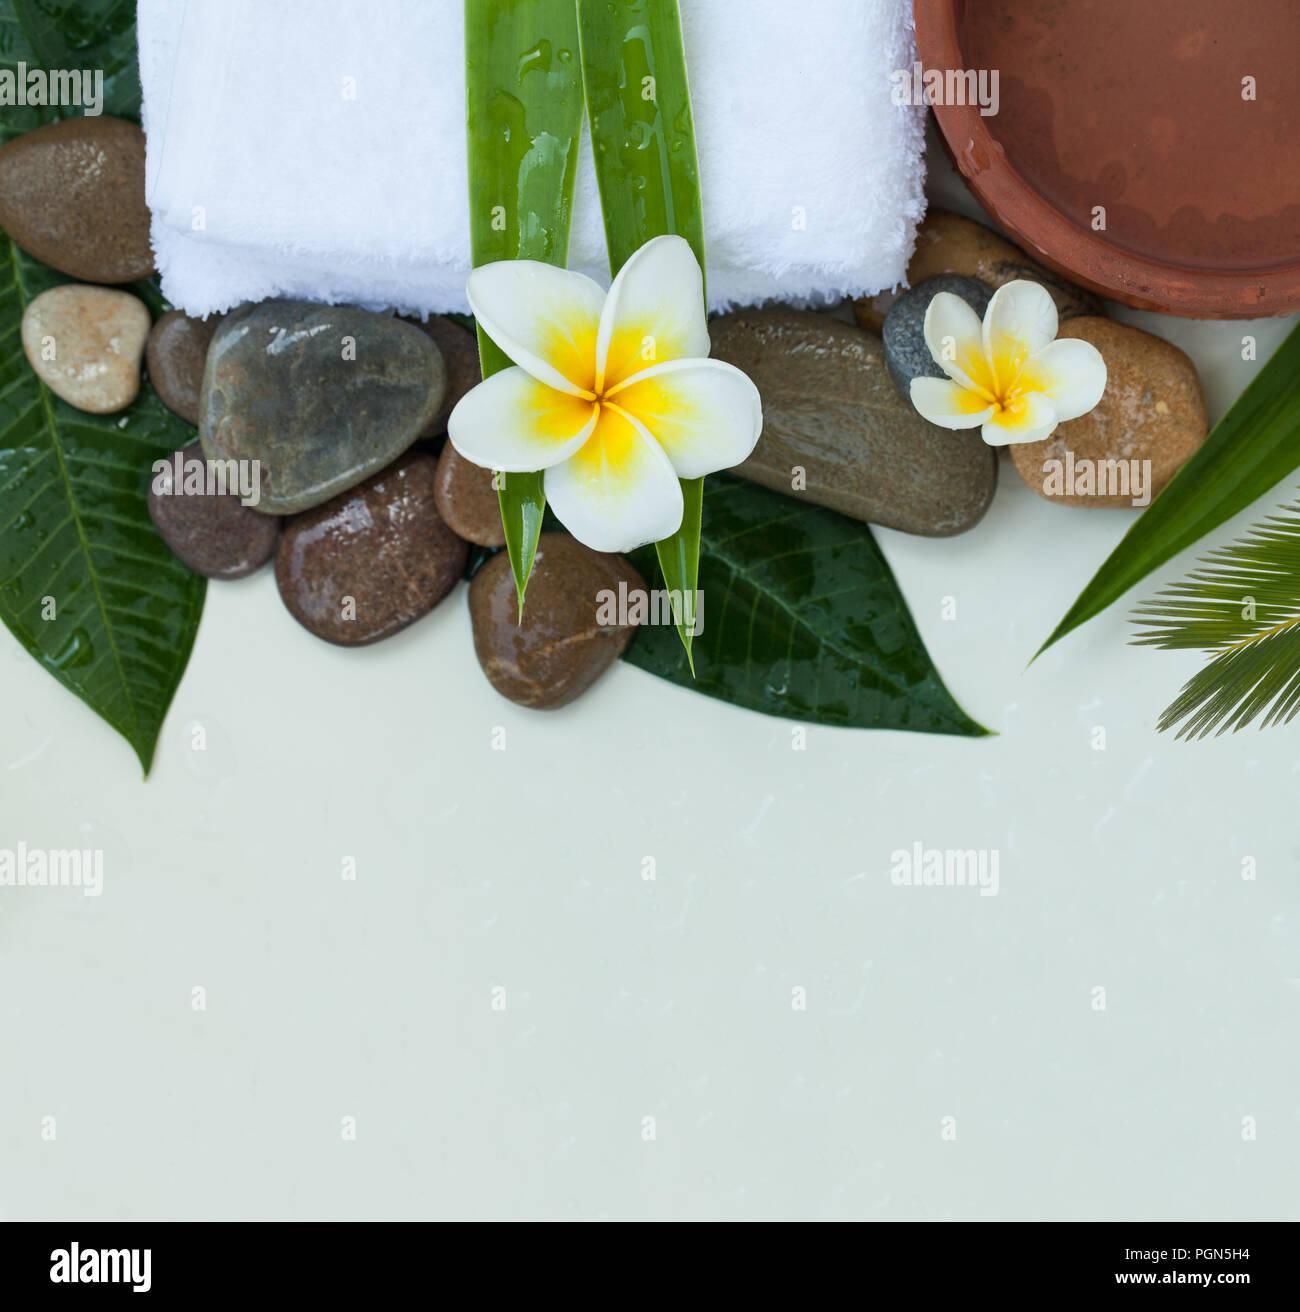 Spa, Wellness oder Einstellung mit tropischen Blumen, Schüssel mit Wasser, Handtuch und dunklen Steinen Stockbild